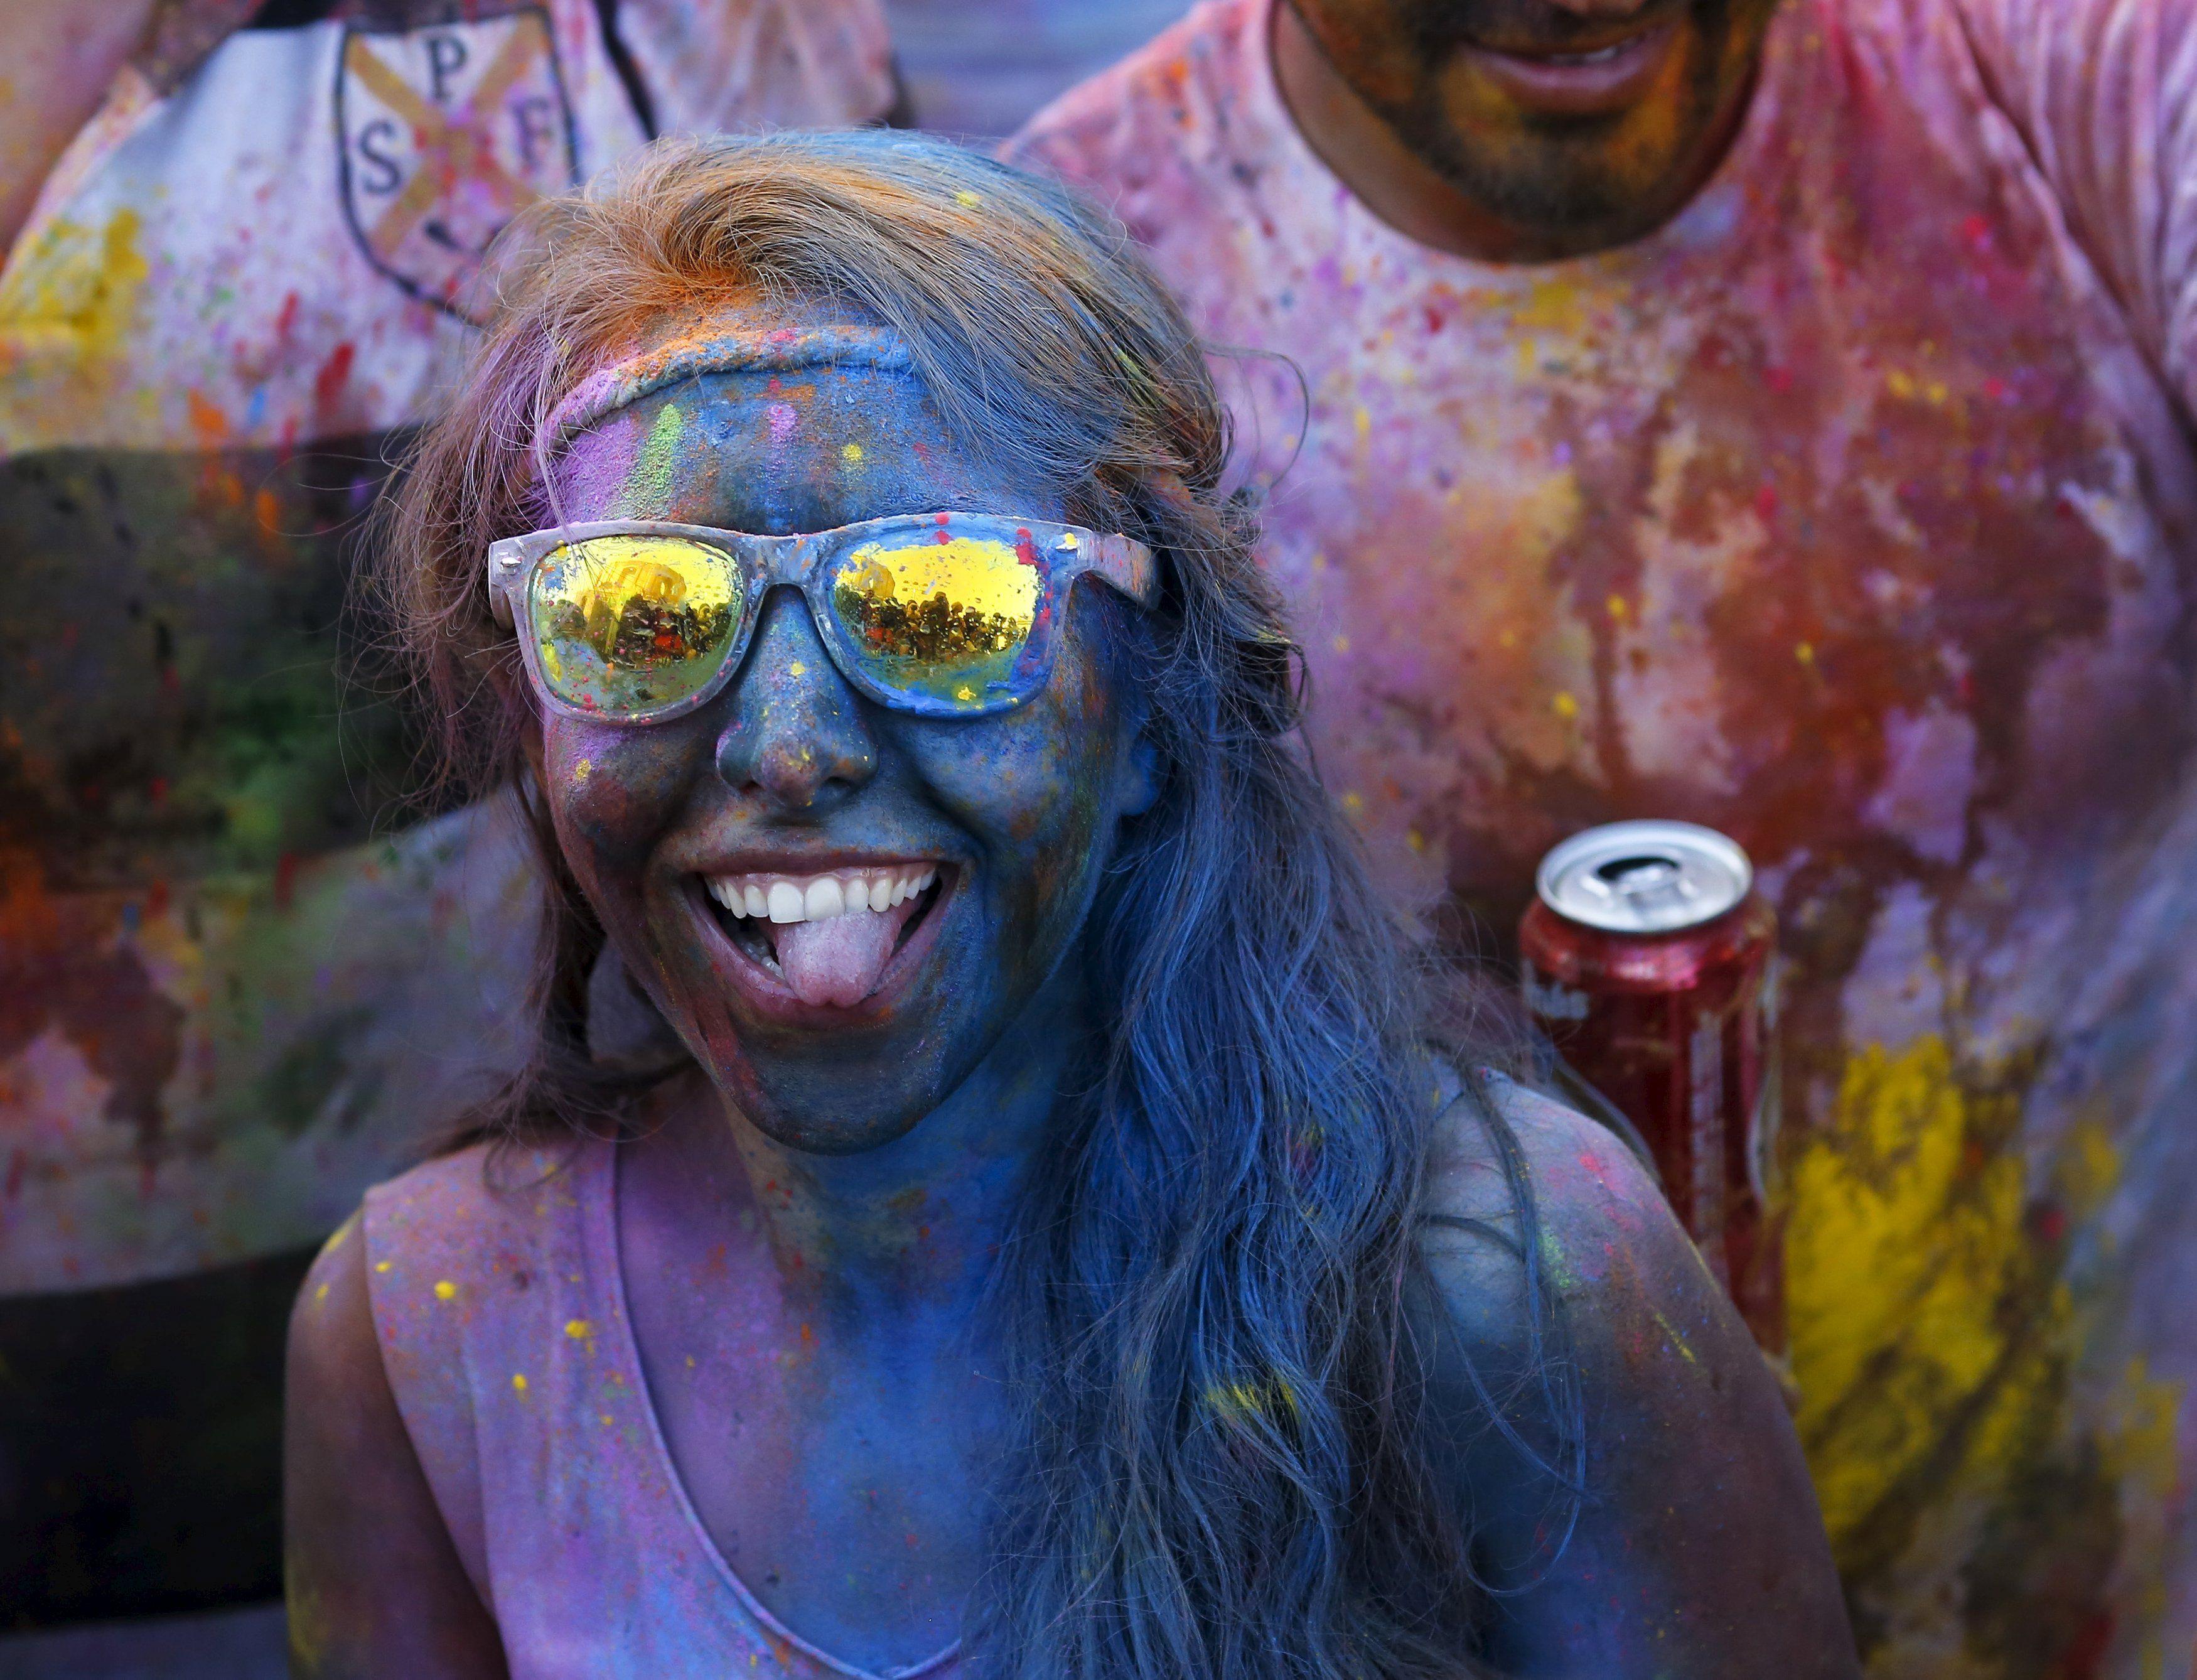 Nascido na Índia, a celebração já ganhou edições em vários outros países / Paul Hanna/Reuters